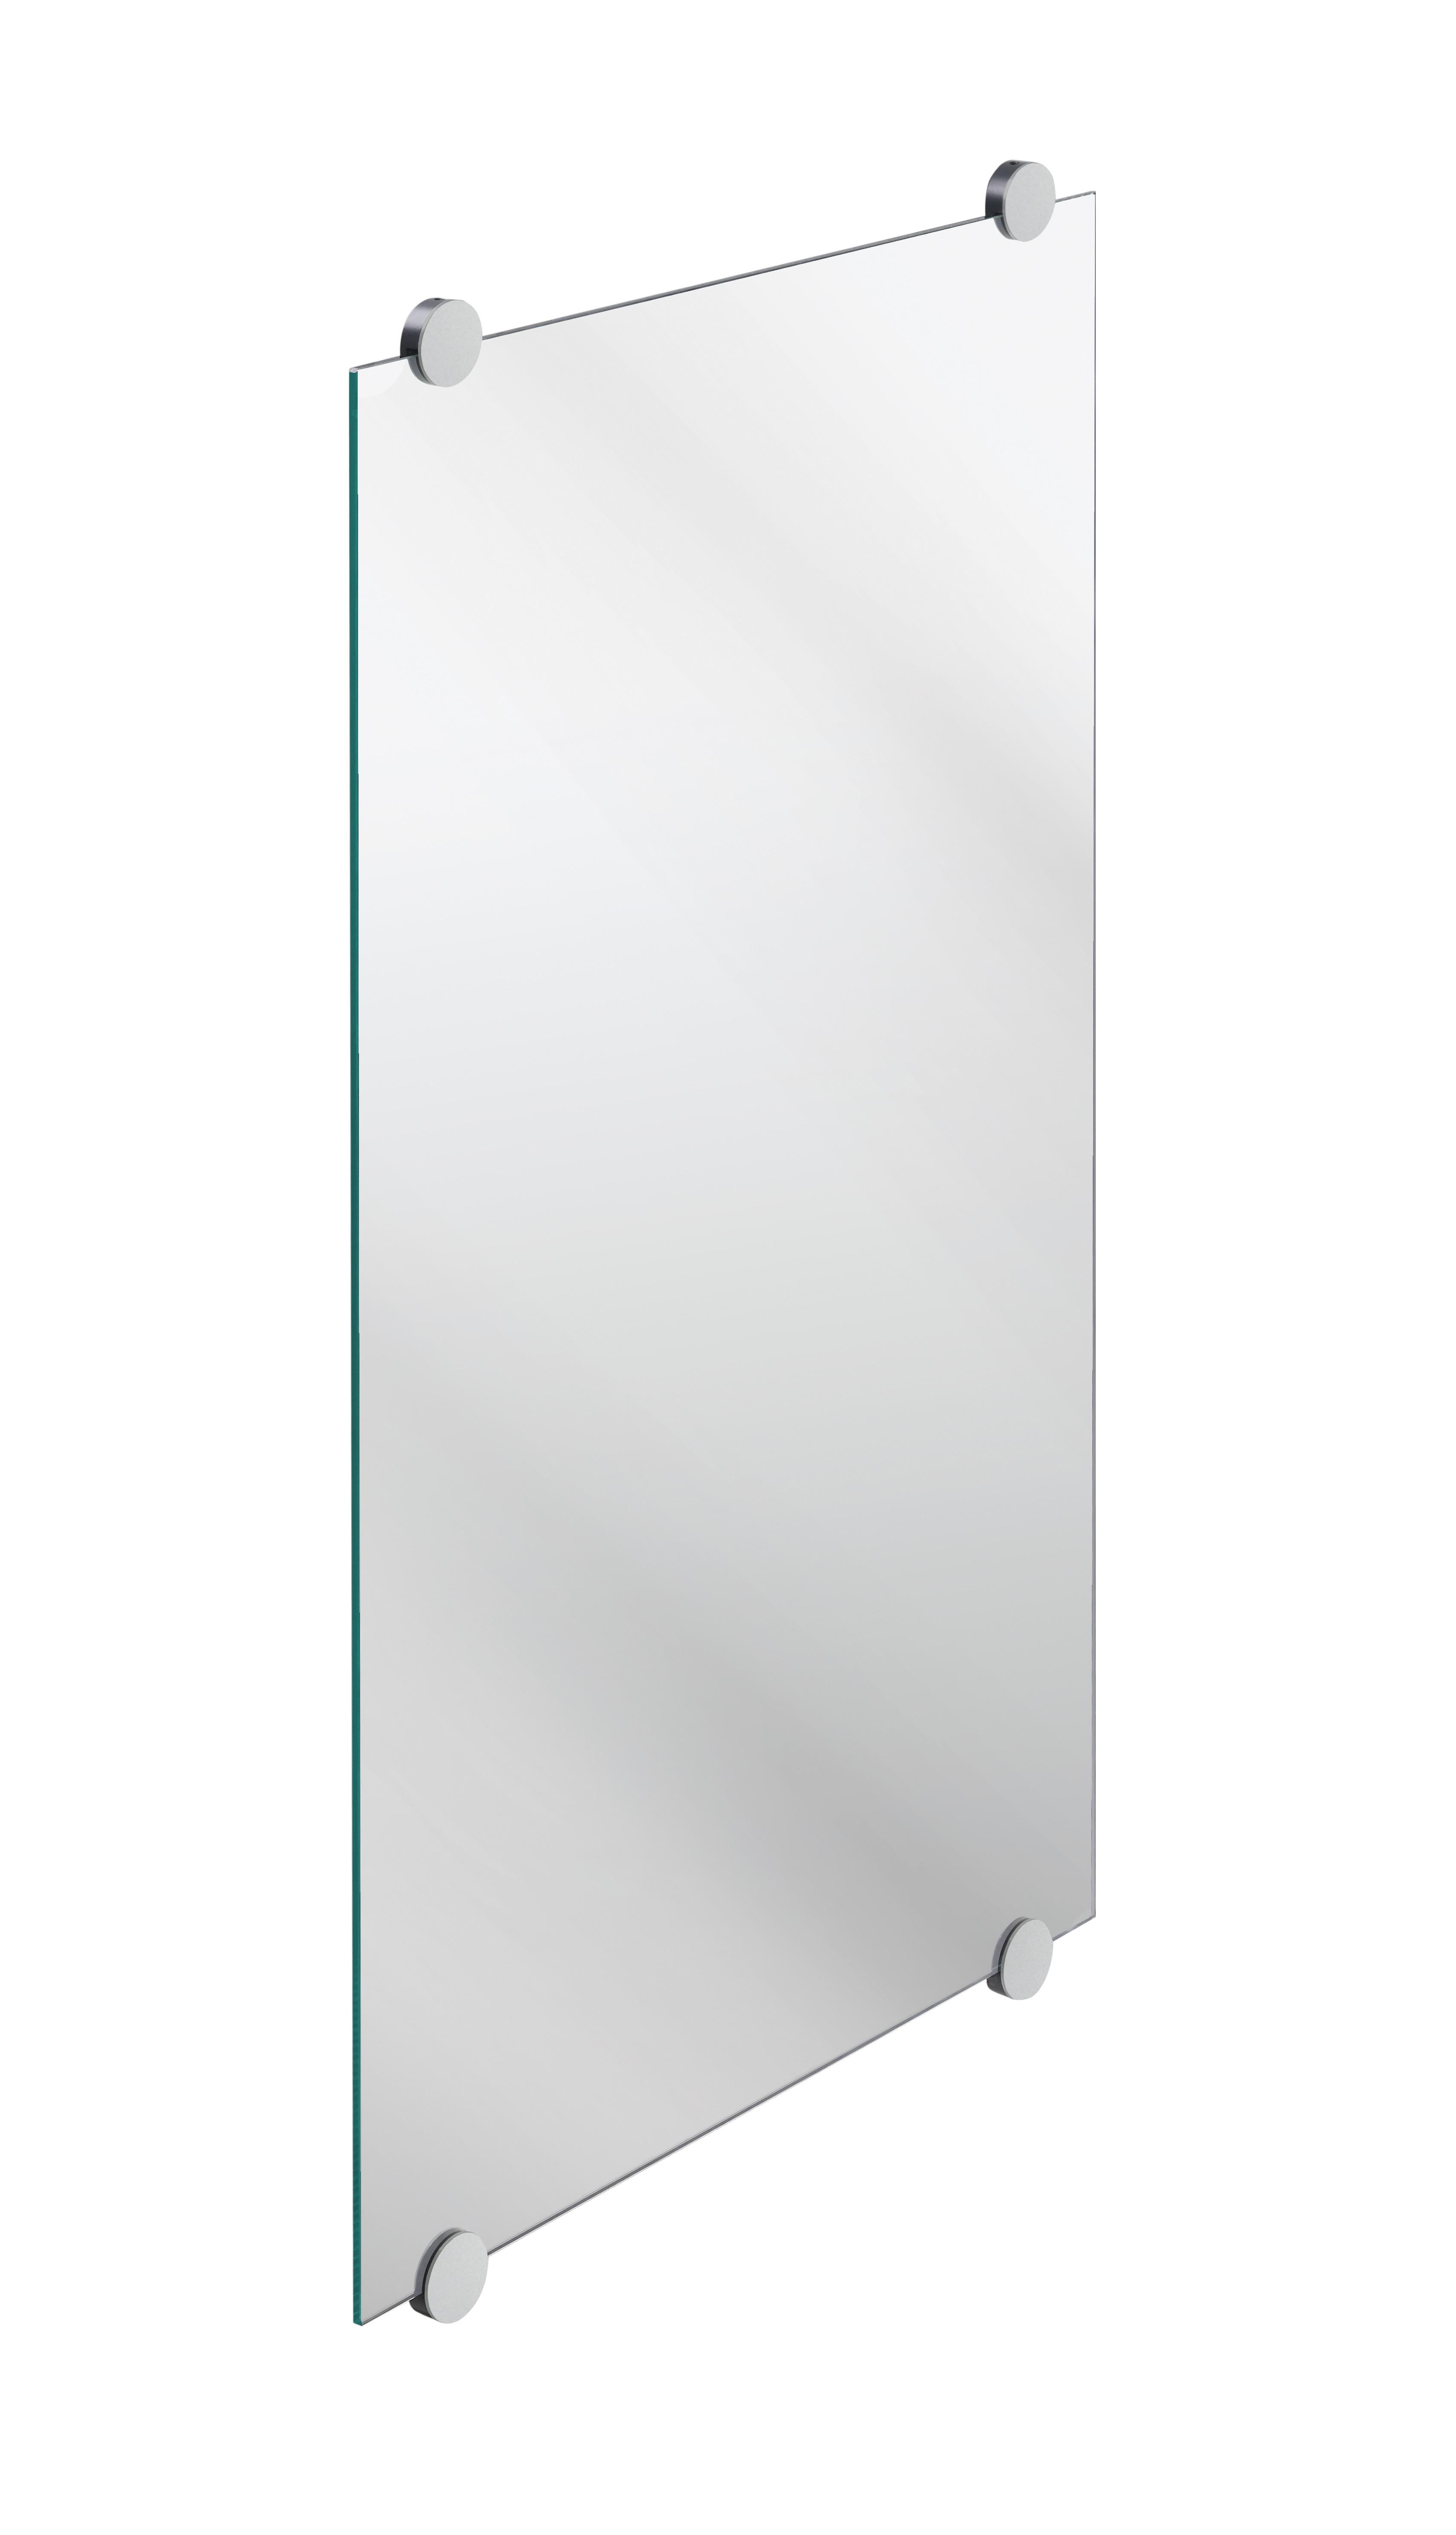 FSB Spiegel mit Halter 1000x600x6 Anemonenweiß (0 82 8460 00015 8220)